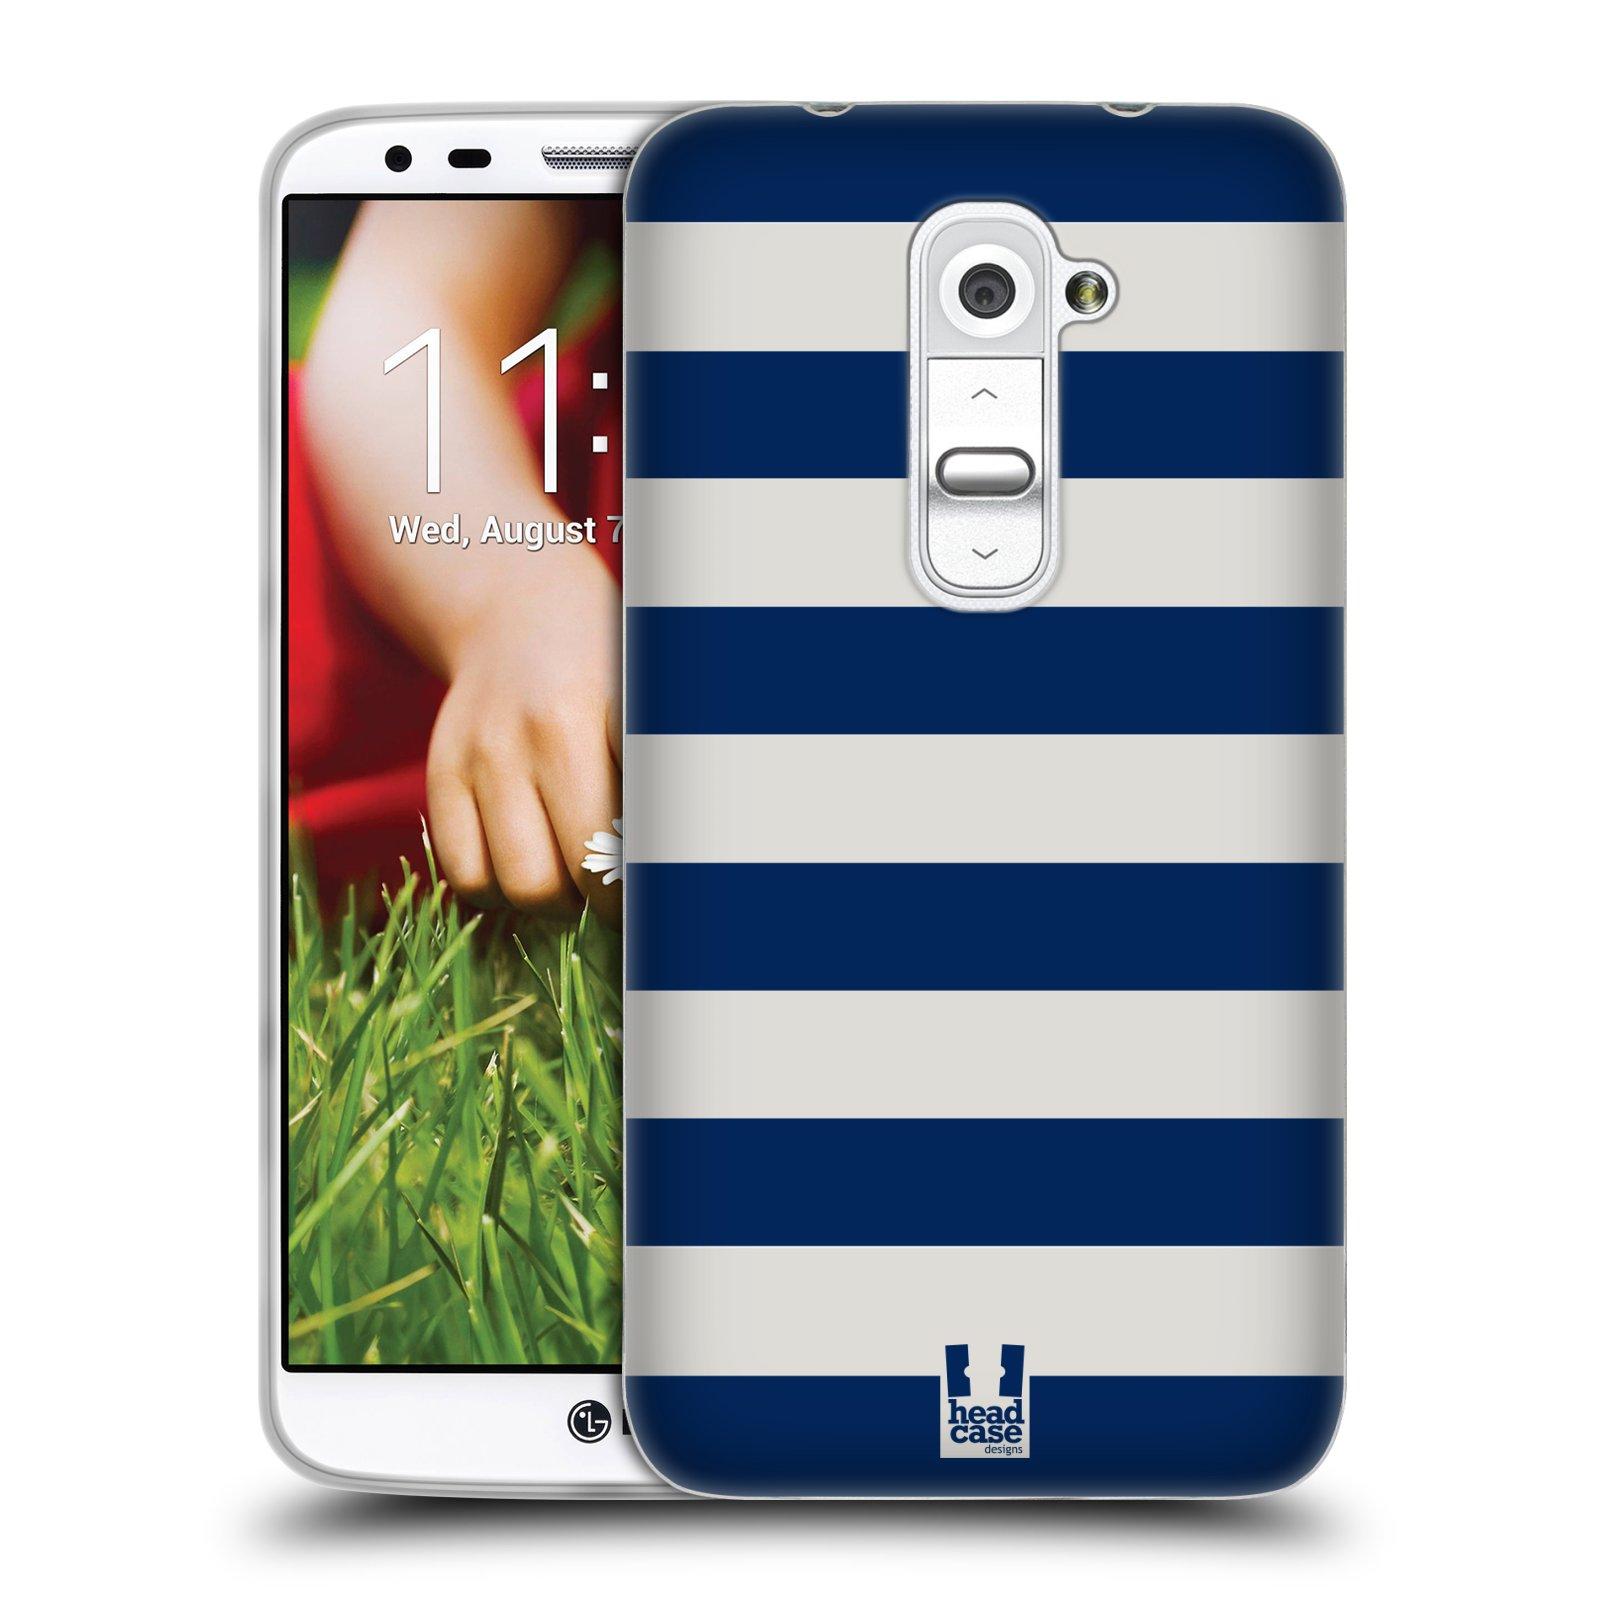 HEAD CASE silikonový obal na mobil LG G2 vzor Barevné proužky MODRÁ A BÍLÁ NÁMOŘNÍK